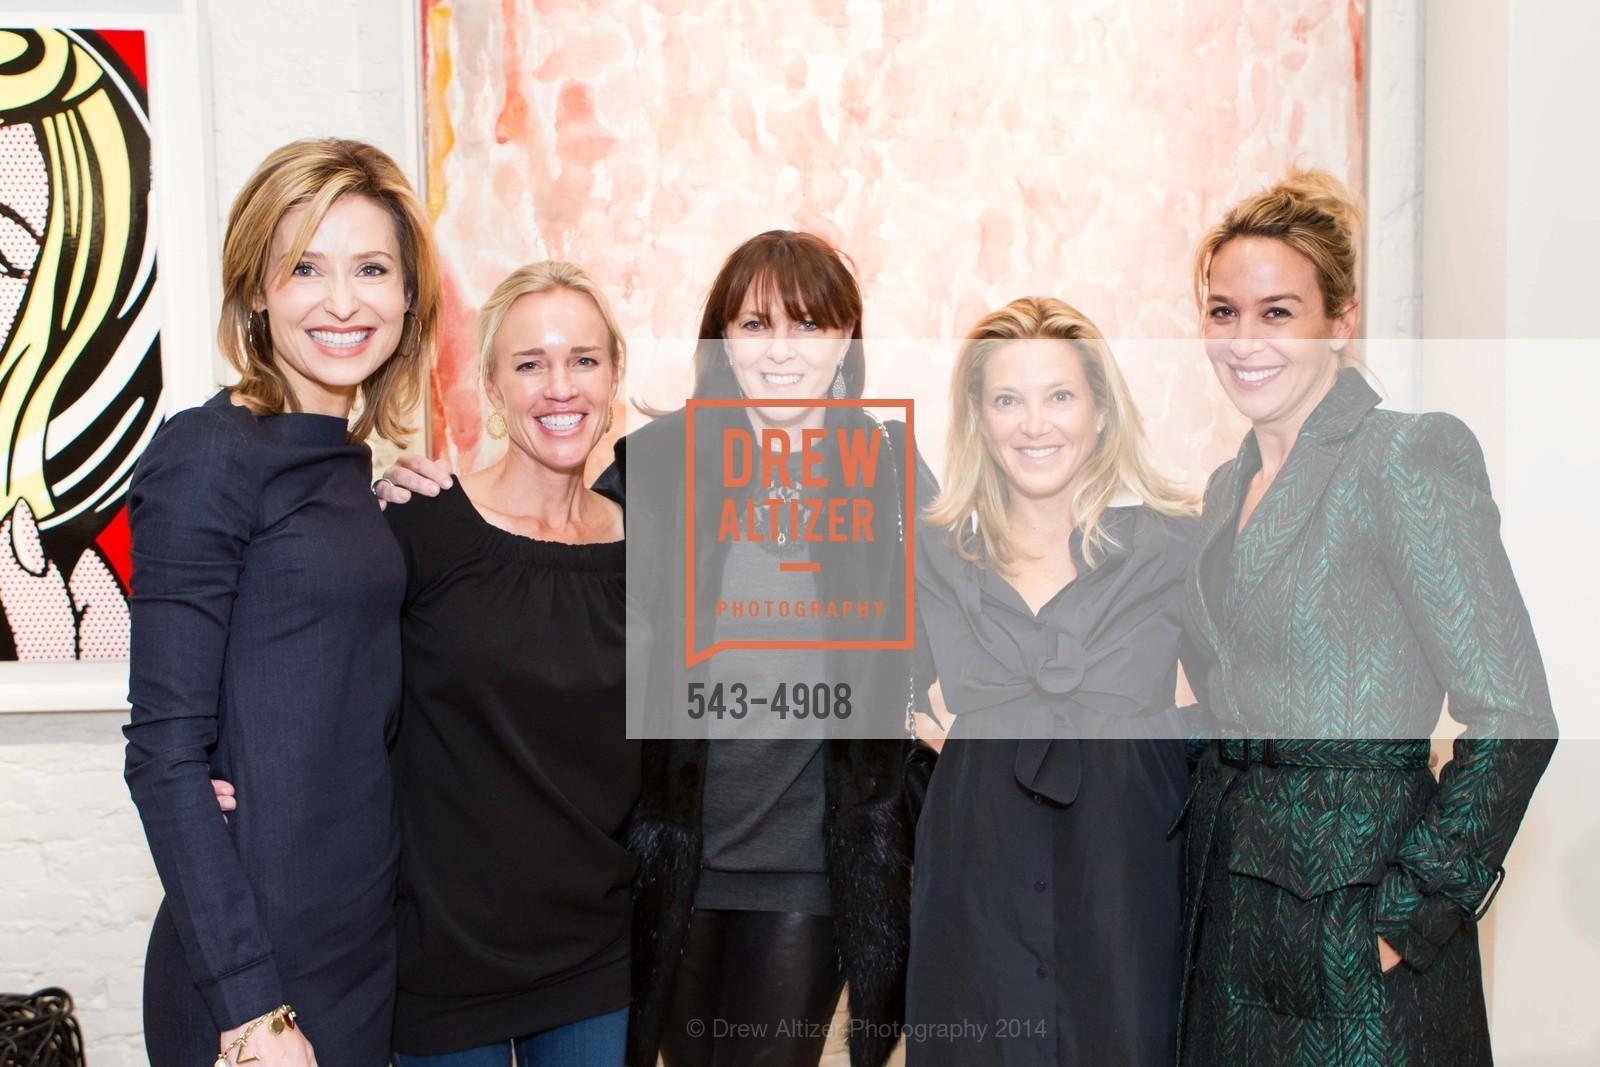 Kate Harbin, Heidi Castelein, Allison Speer, Kathryn Lasater, Hillary Thomas, Photo #543-4908